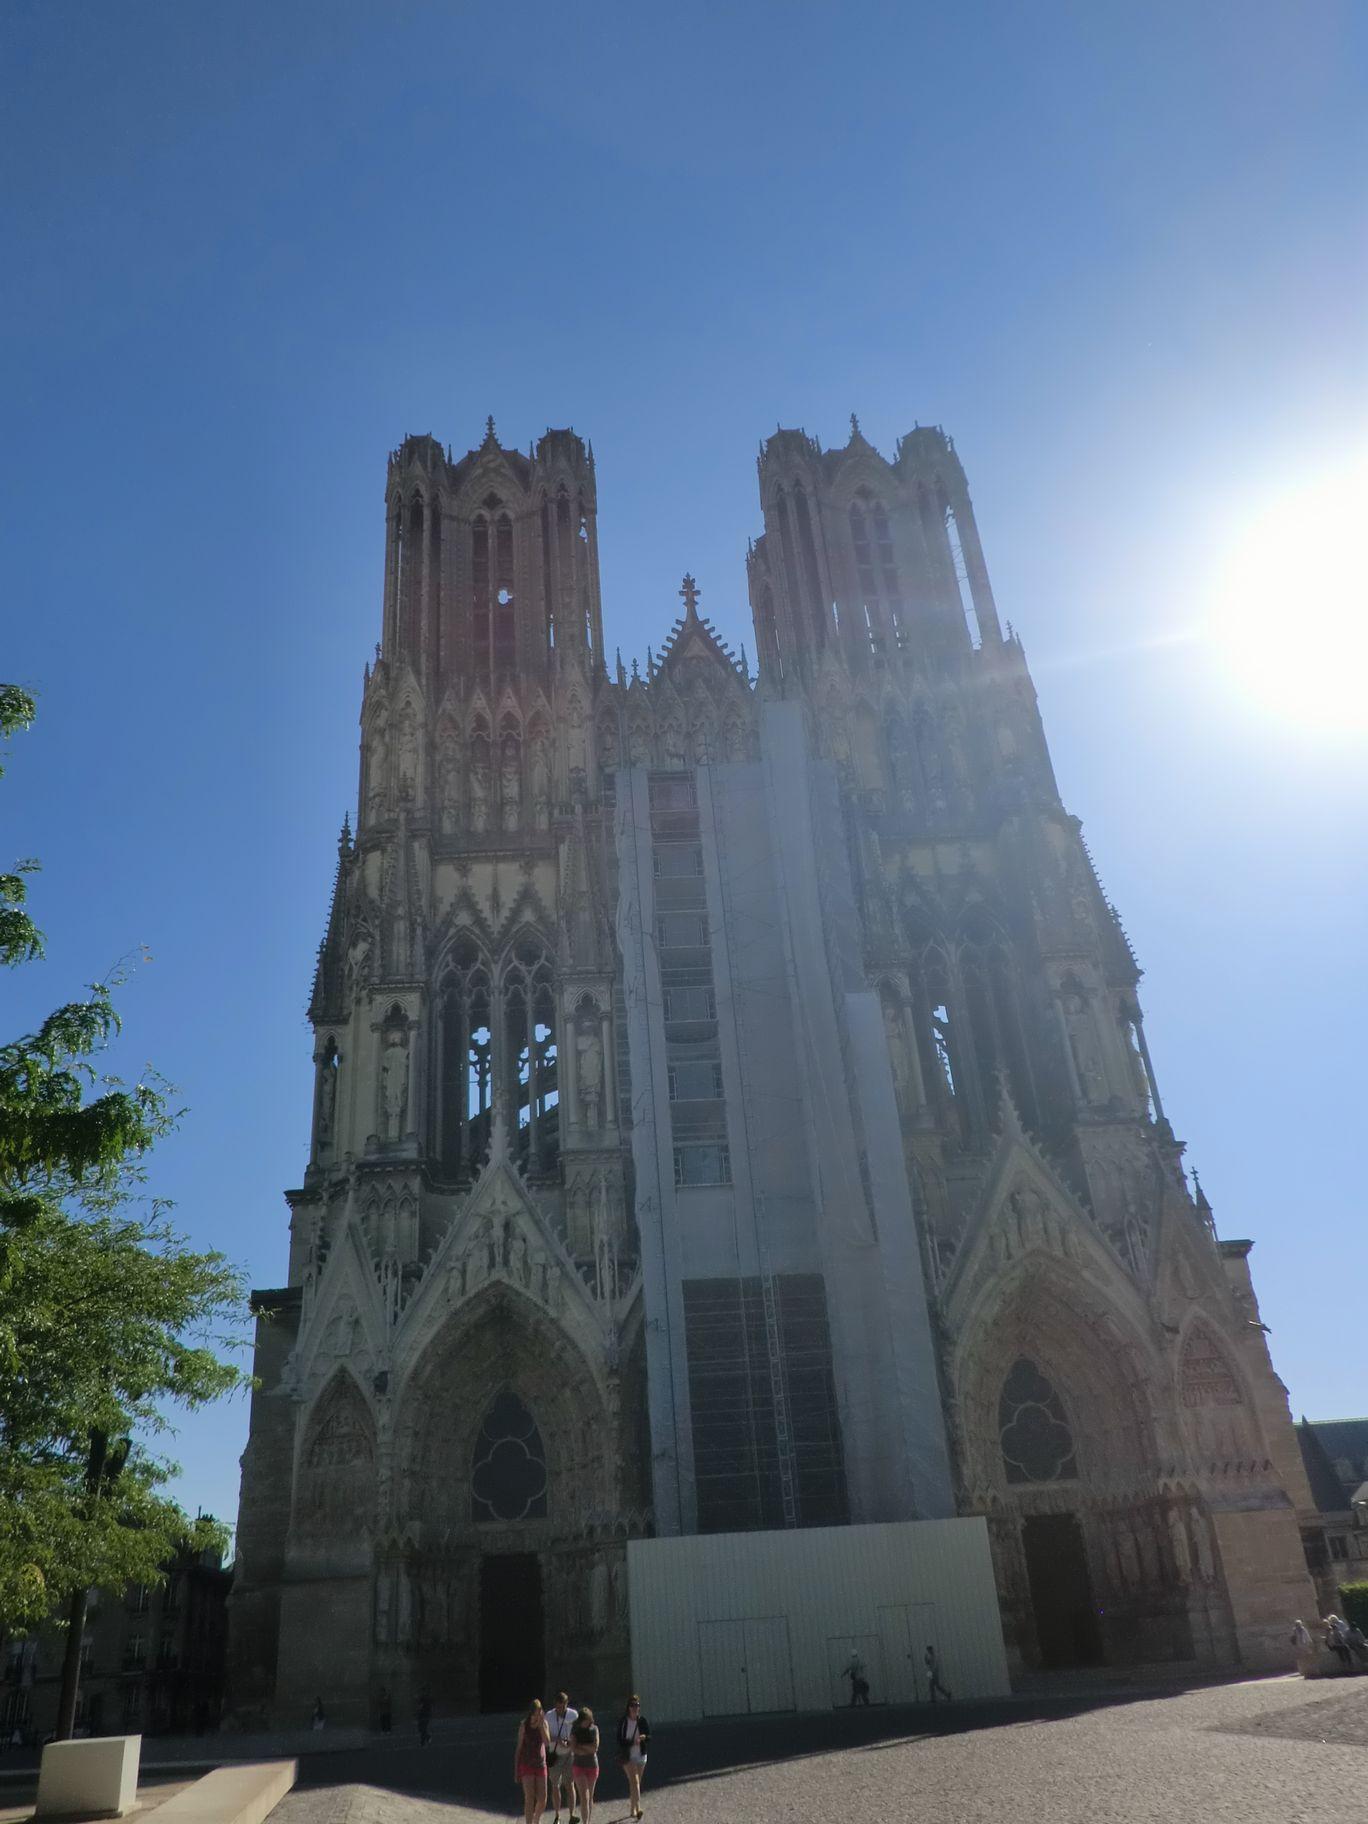 ランス・ノートルダム大聖堂